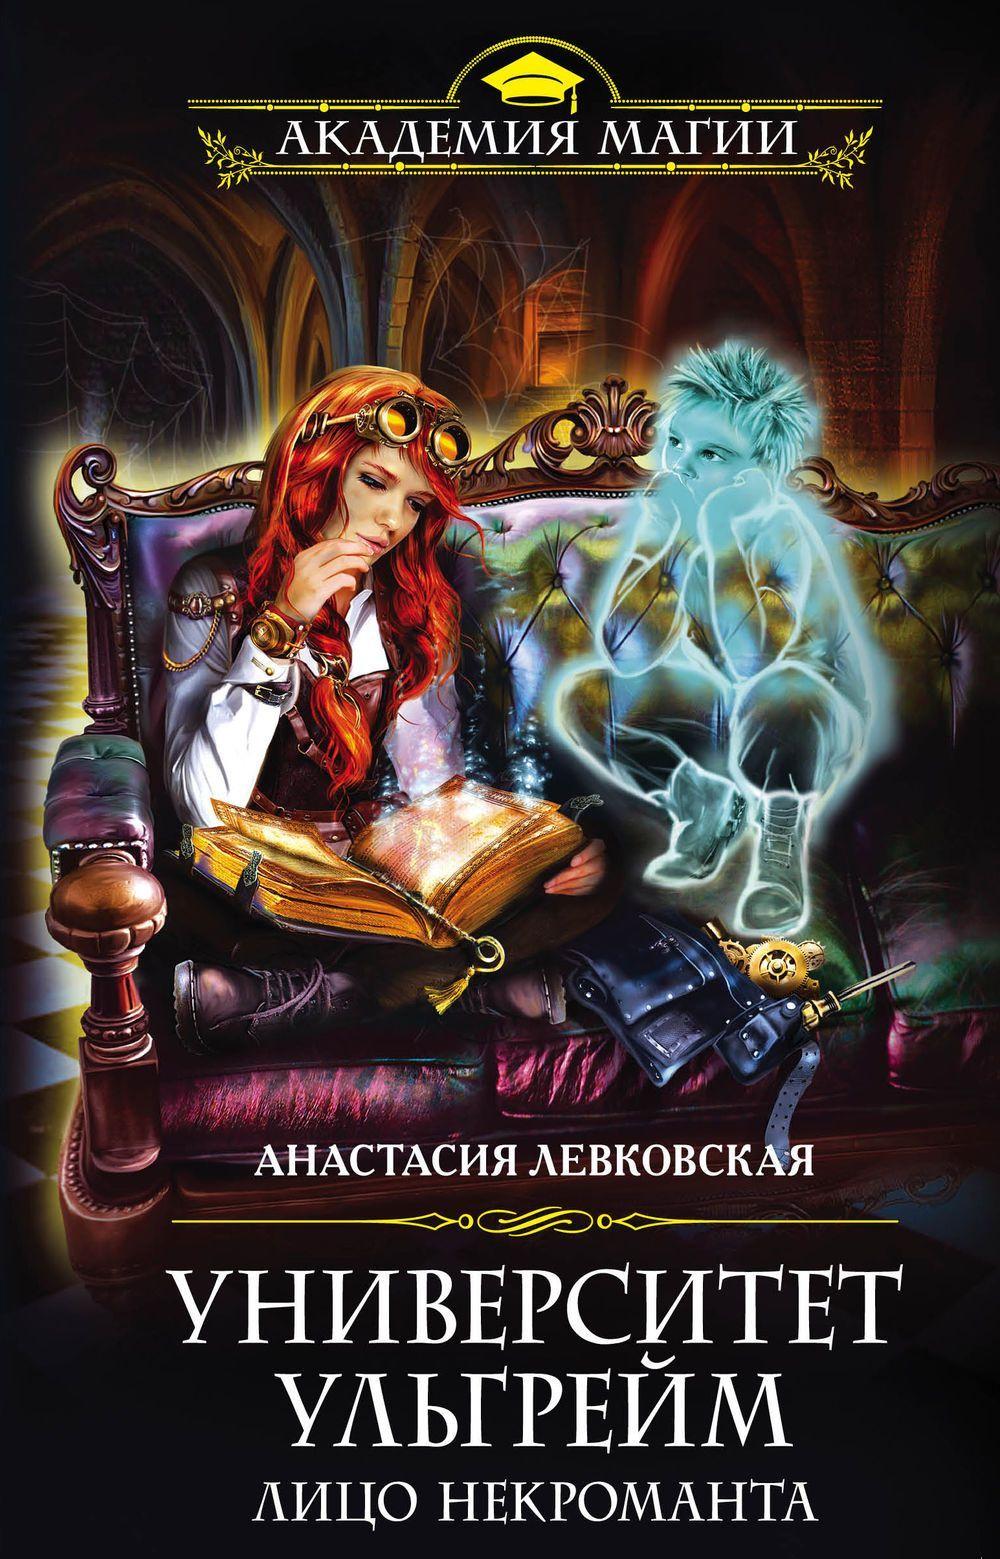 Анастасия соловьева книги скачать бесплатно